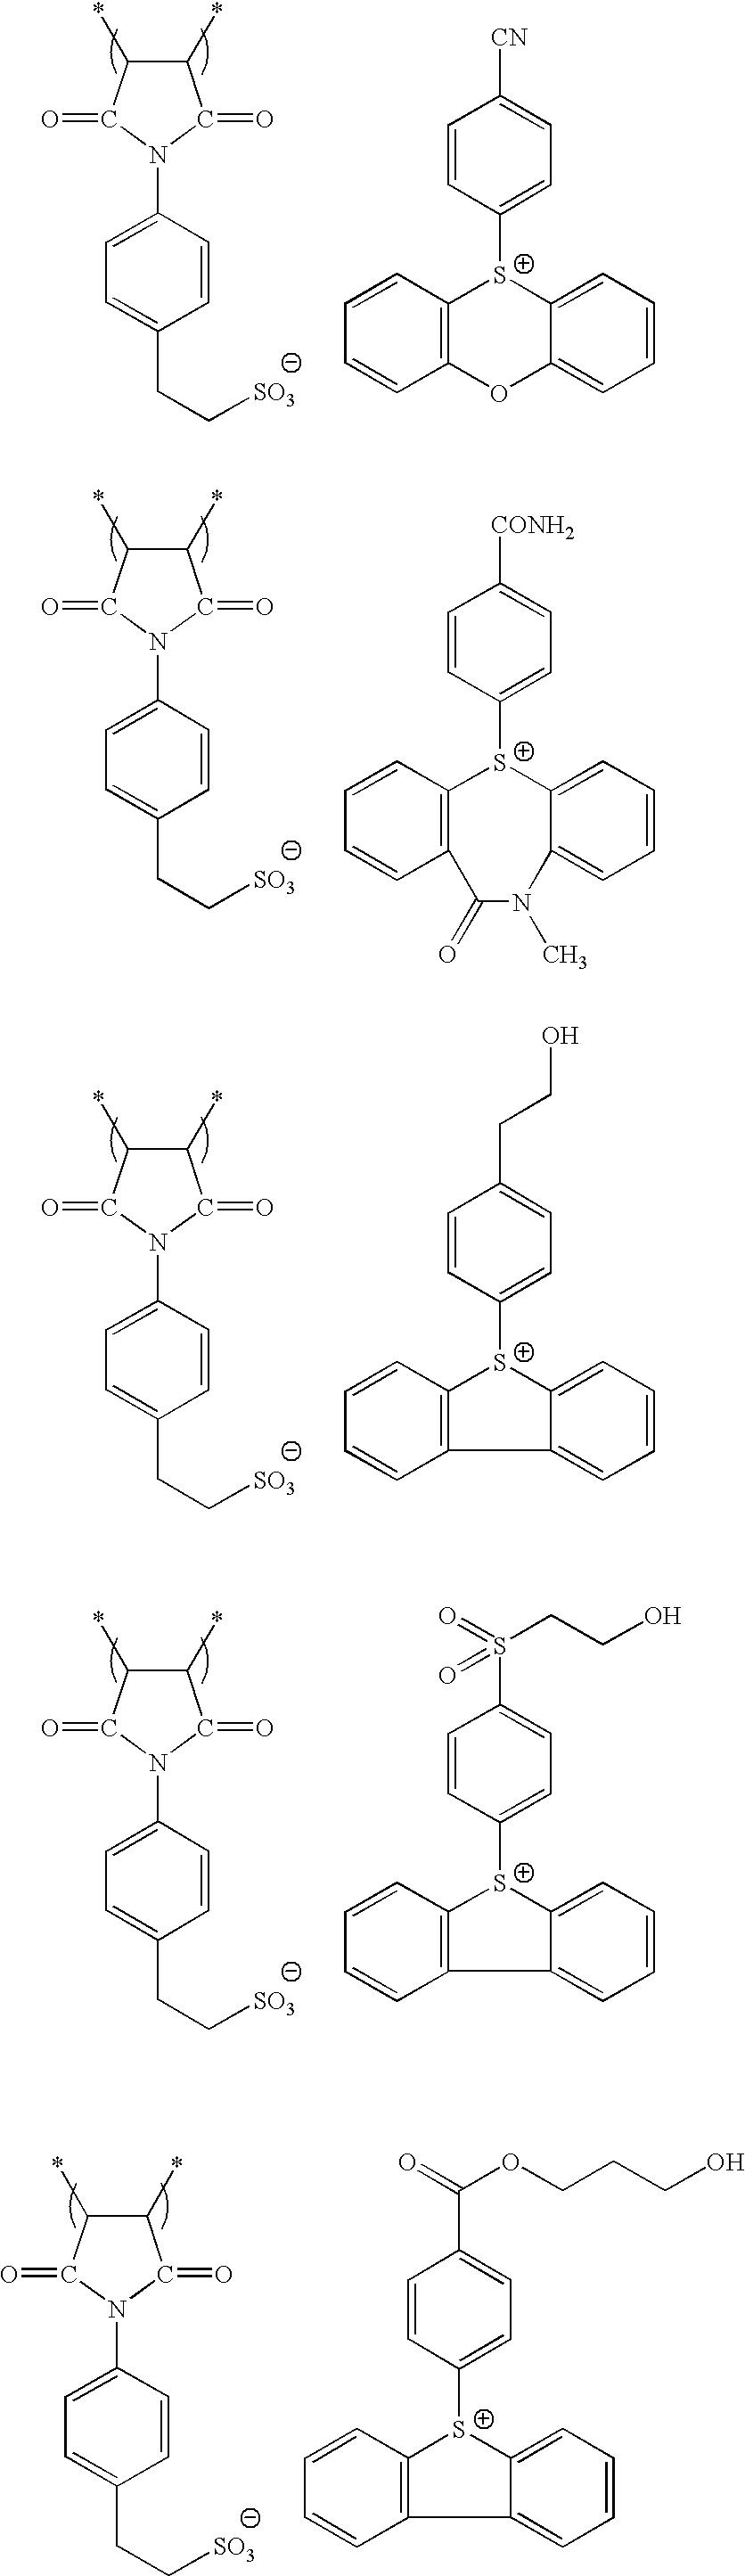 Figure US20100183975A1-20100722-C00082